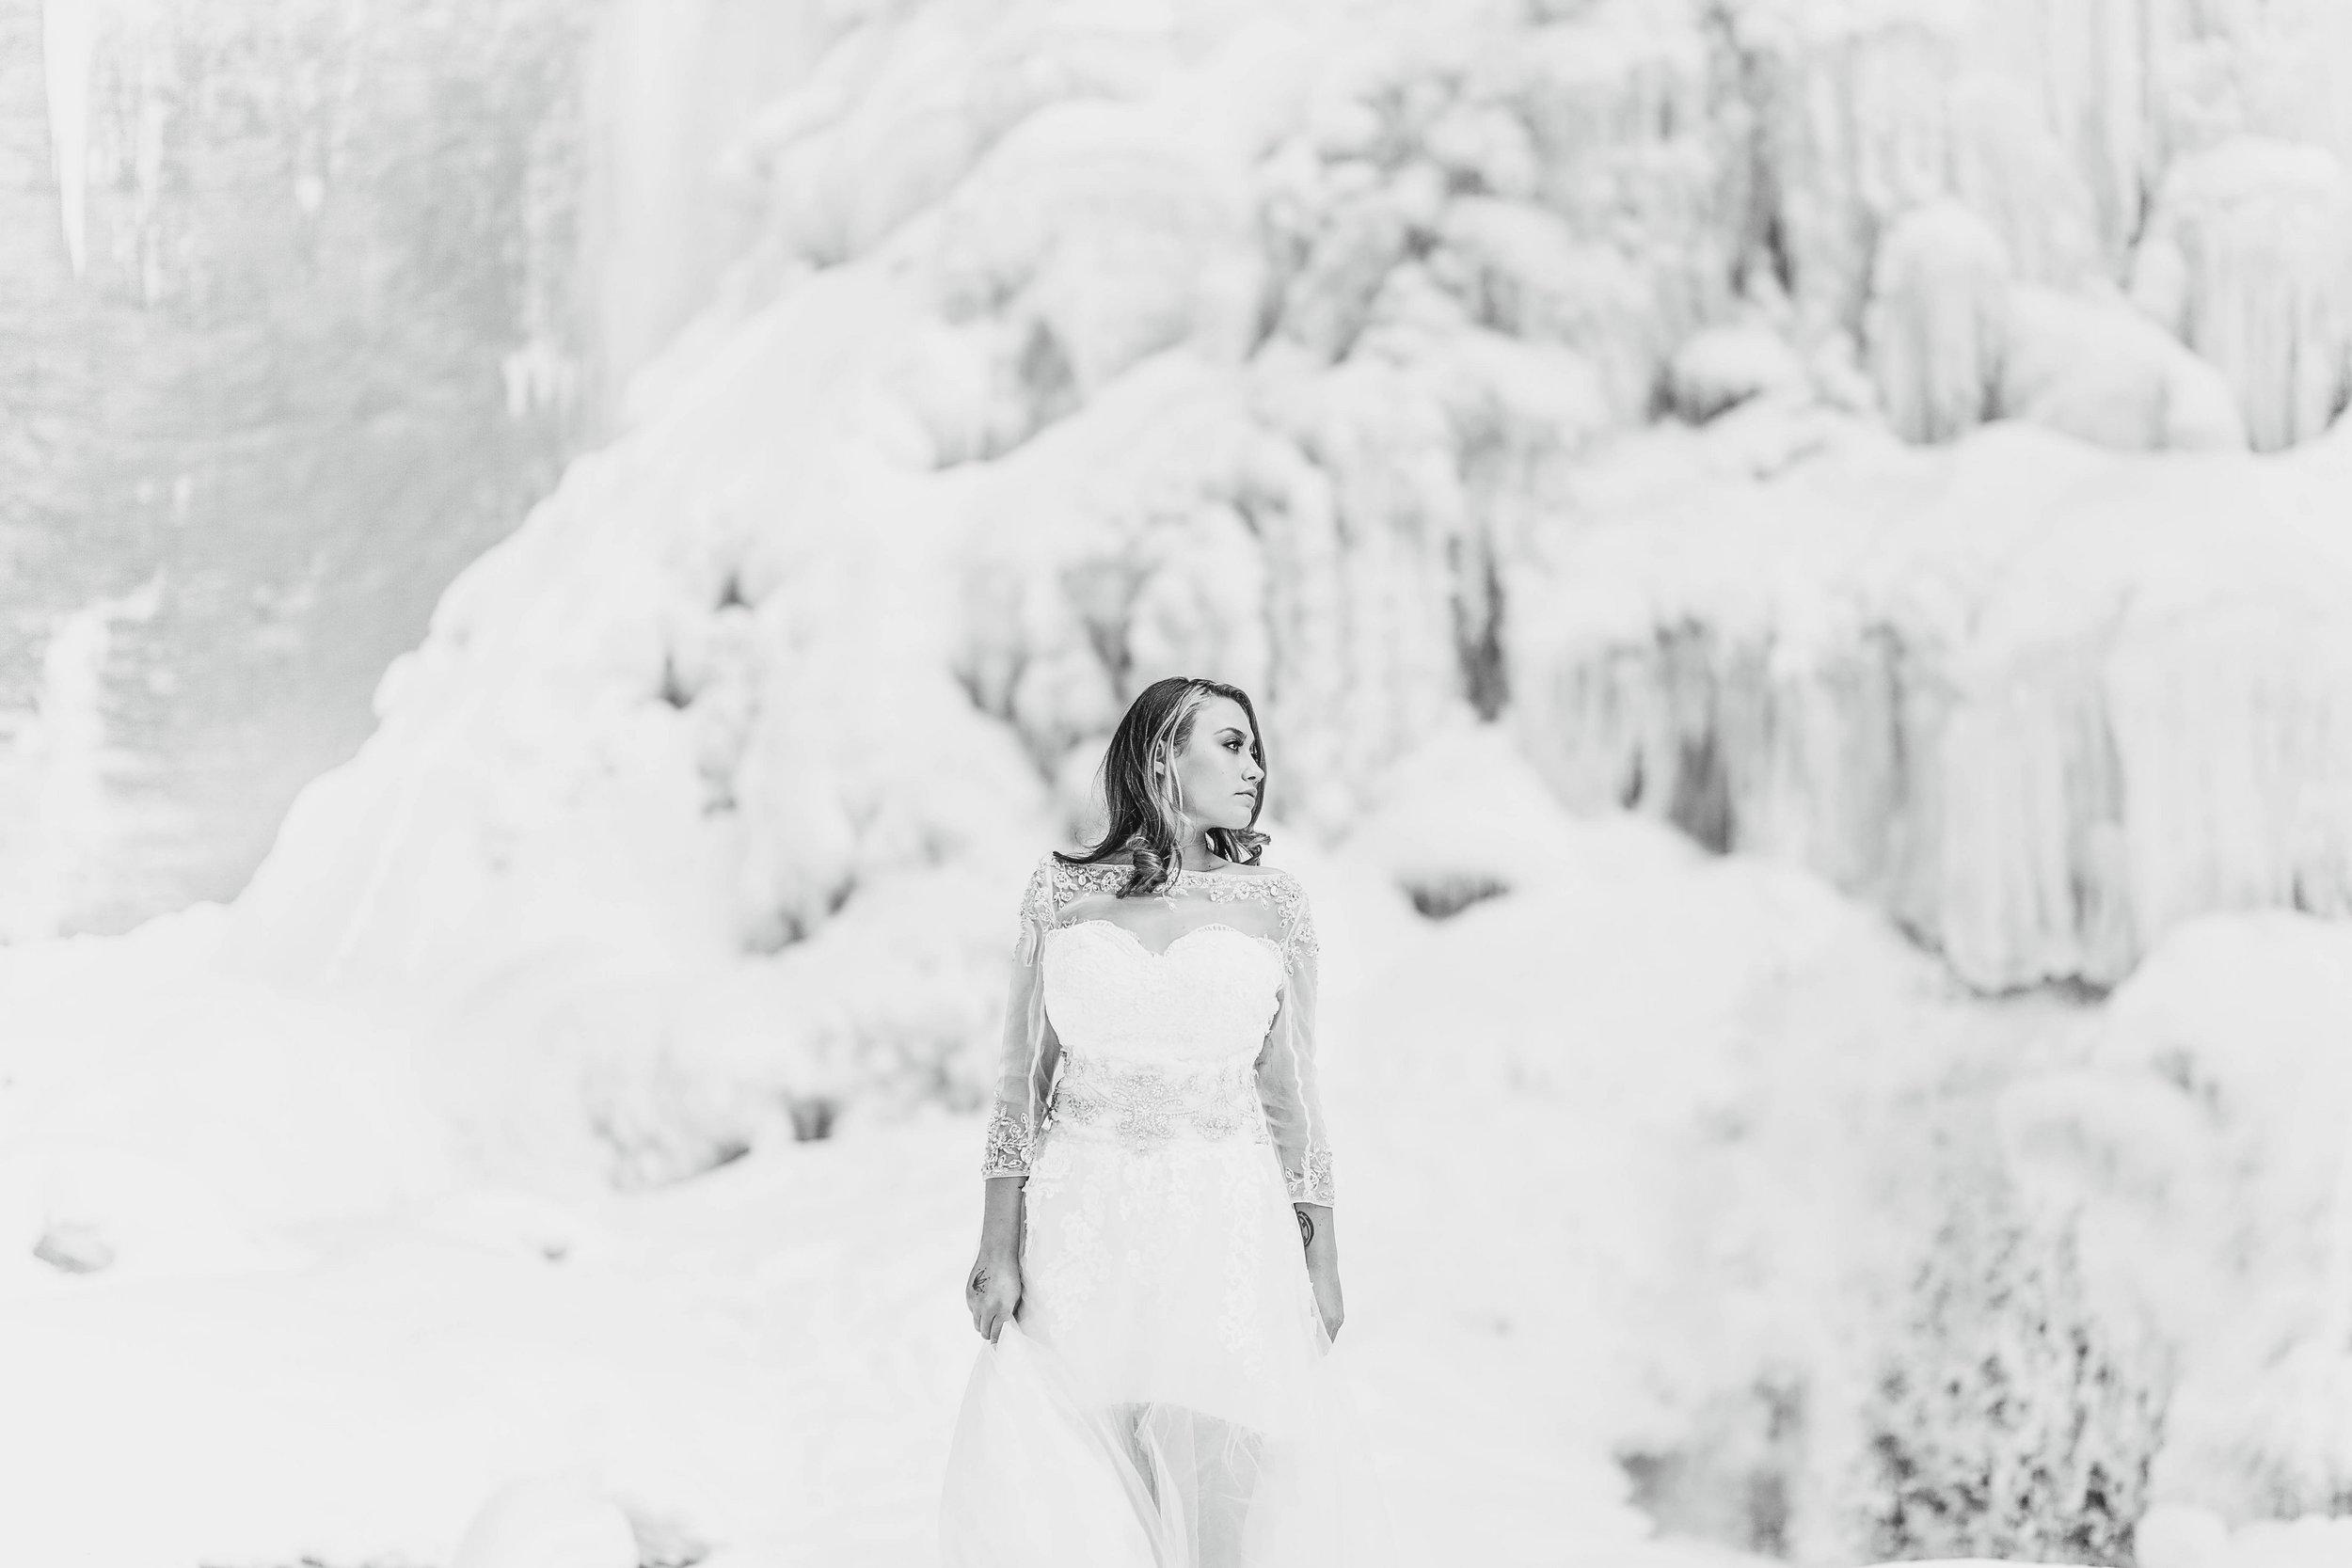 Amy Ice Princess-0006.jpg